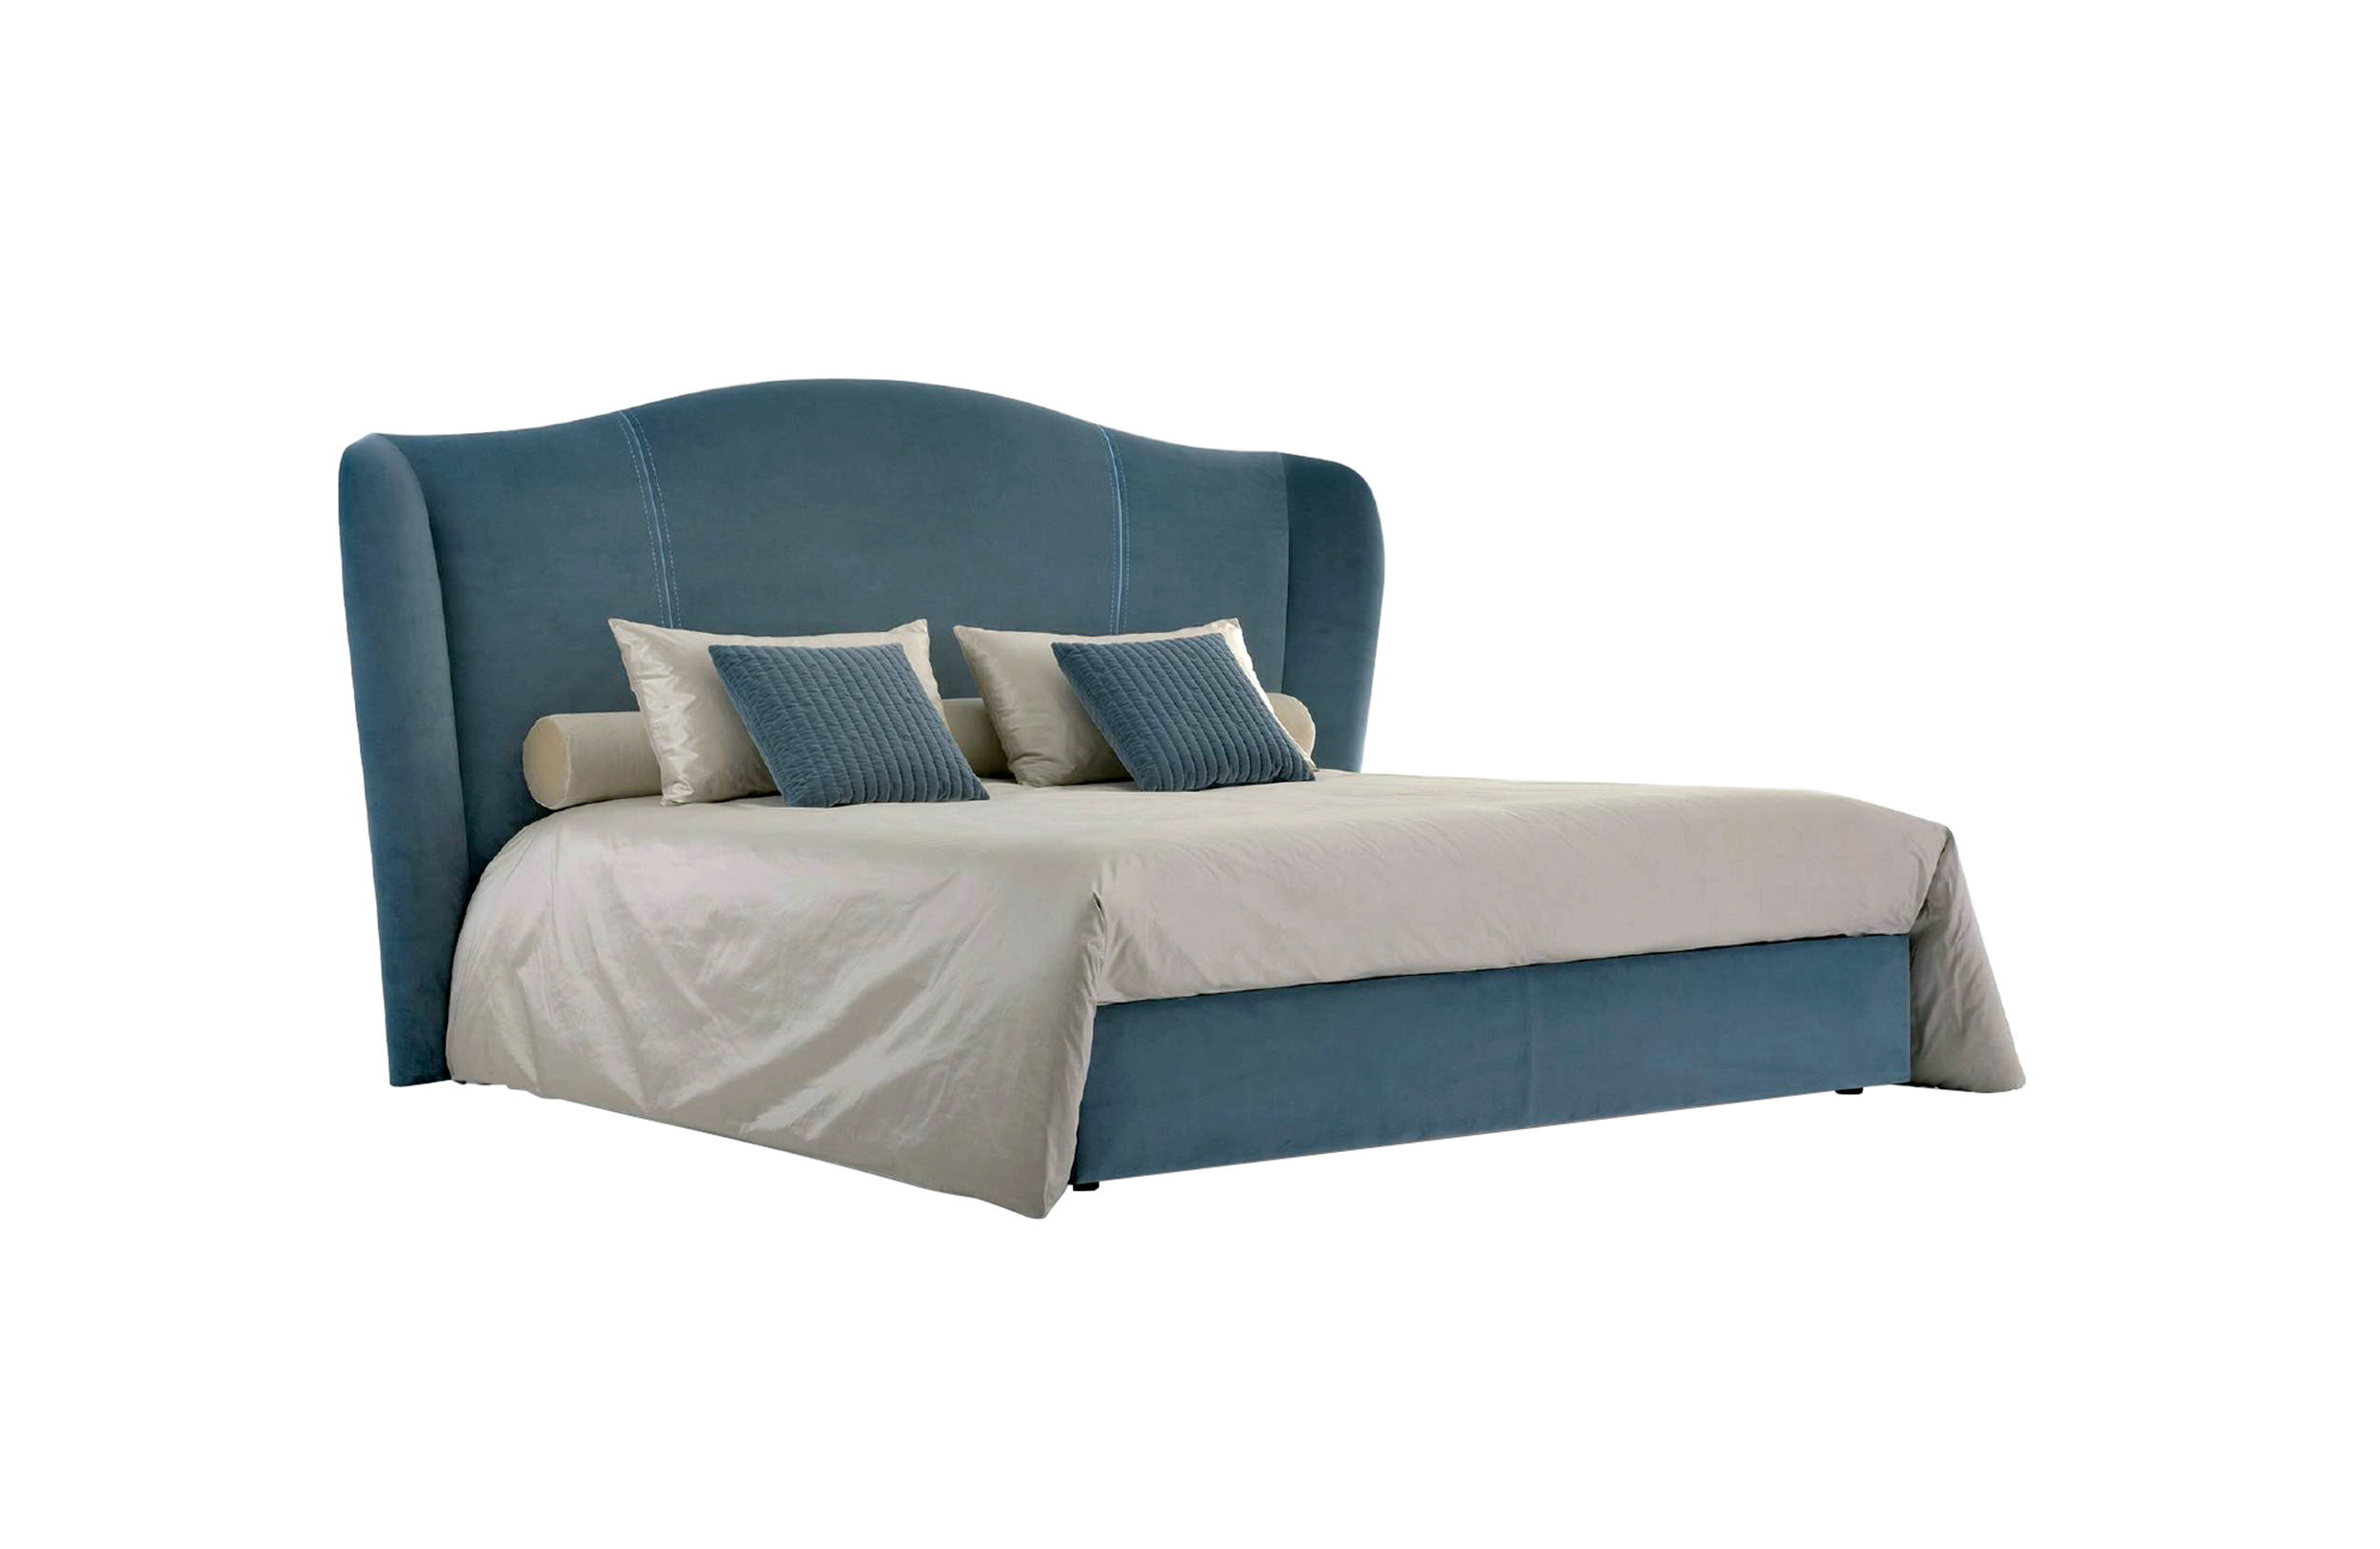 卧室|床|创意家具|现代家居|时尚家具|设计师家具|定制家具|实木家具|雅典床